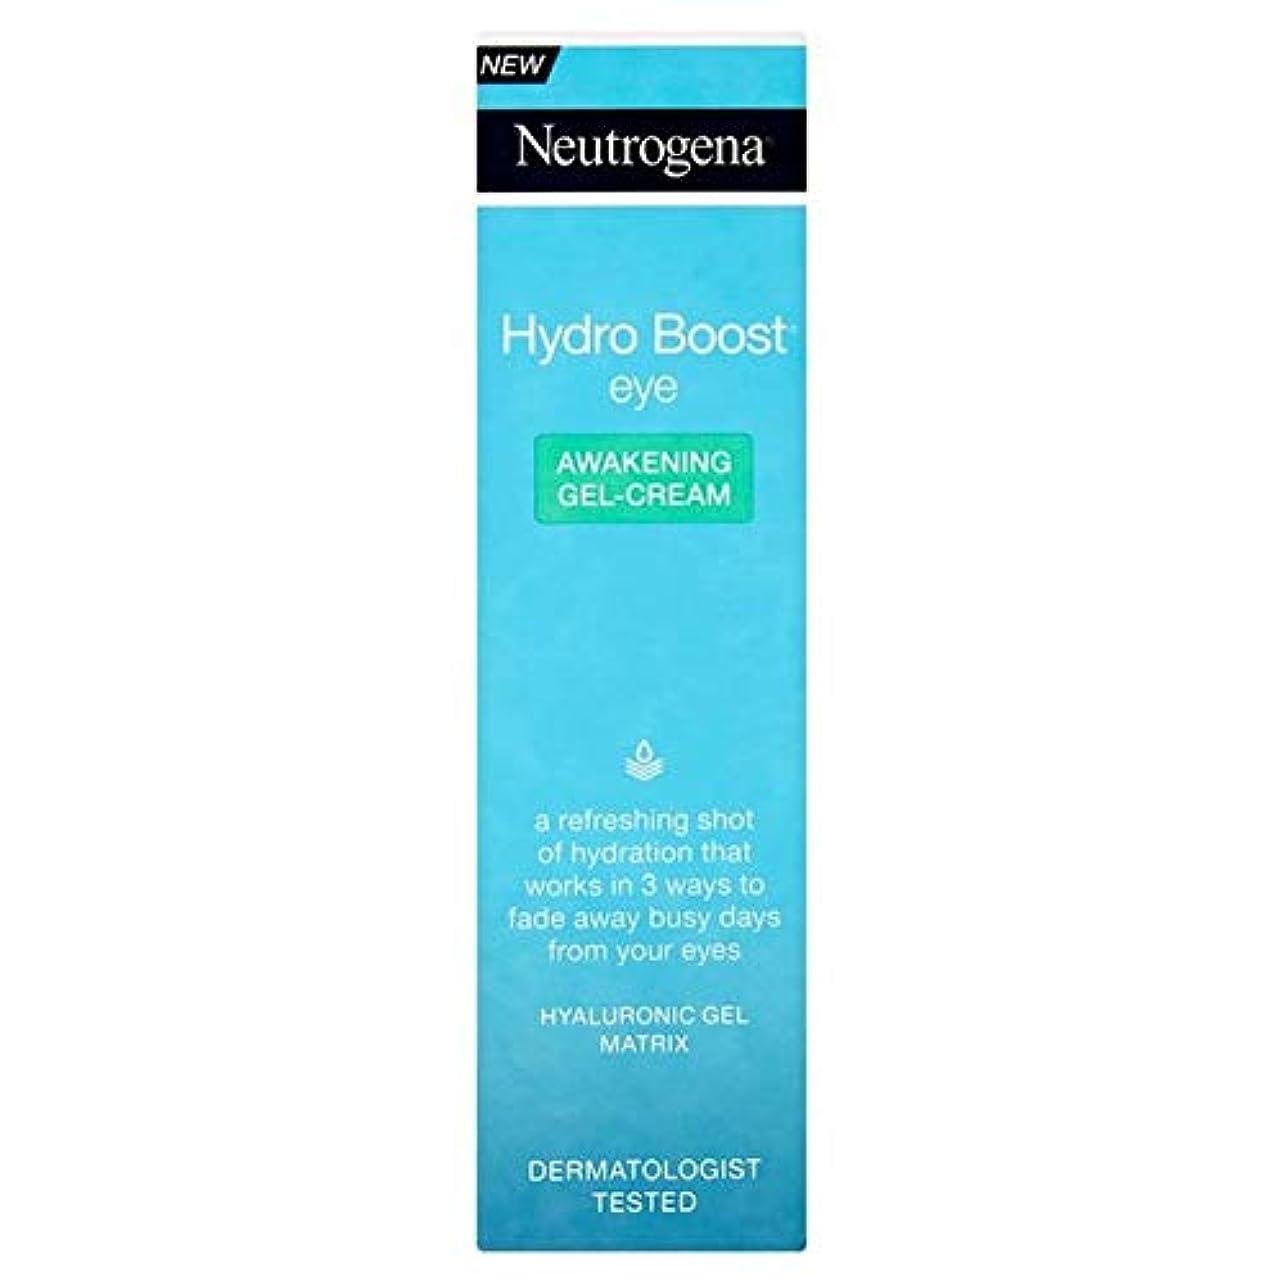 慣性ショートカットかけがえのない[Neutrogena ] ニュートロジーナハイドロブーストアイ覚醒ゲルクリーム15Ml - Neutrogena Hydro Boost Eye Awakening Gel-Cream 15ml [並行輸入品]